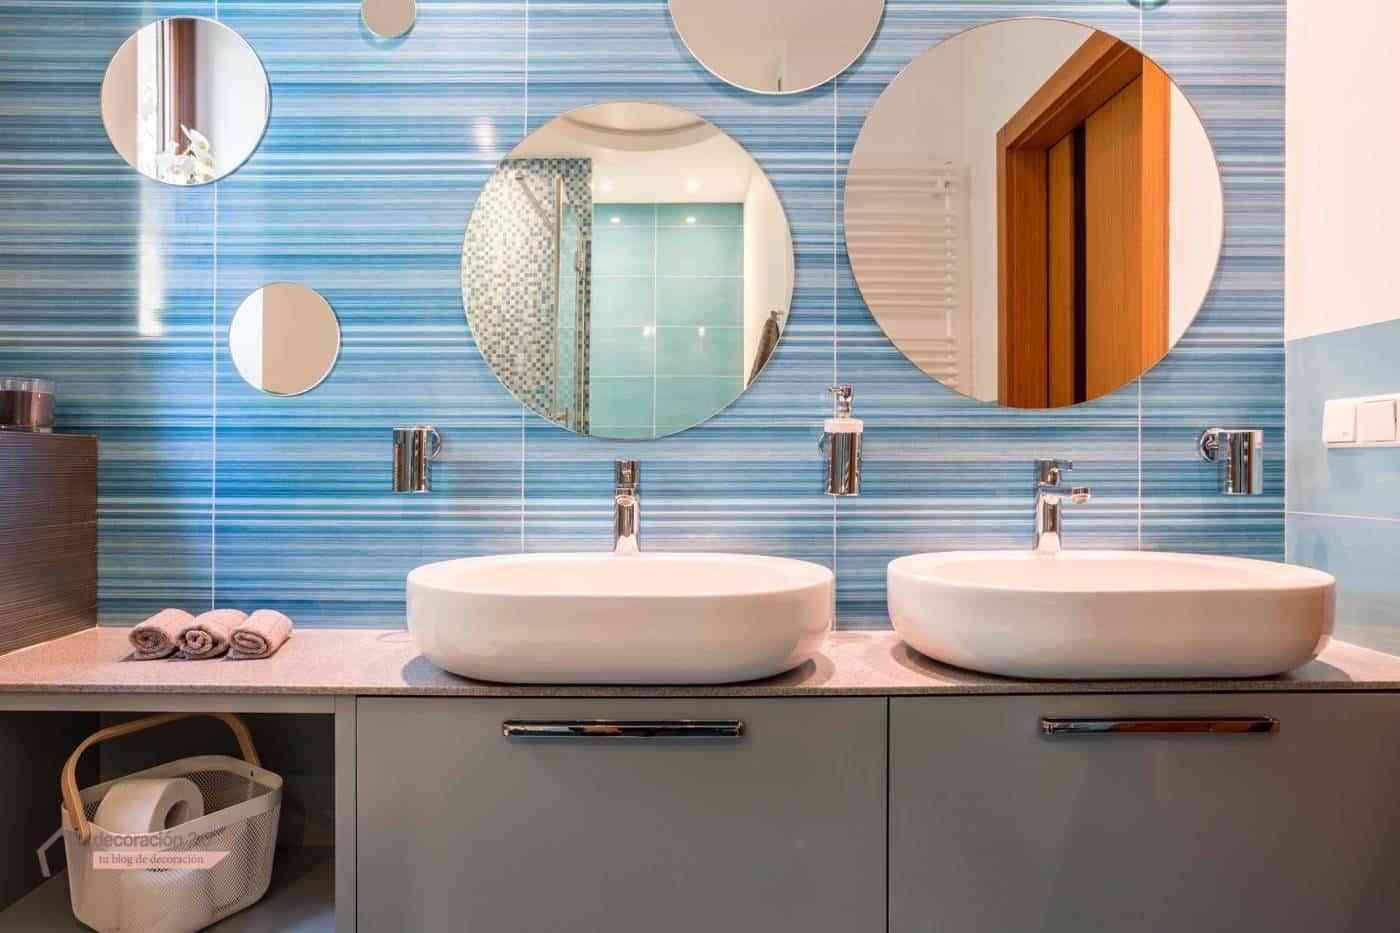 Baño con dos lavabos y espejos redondos